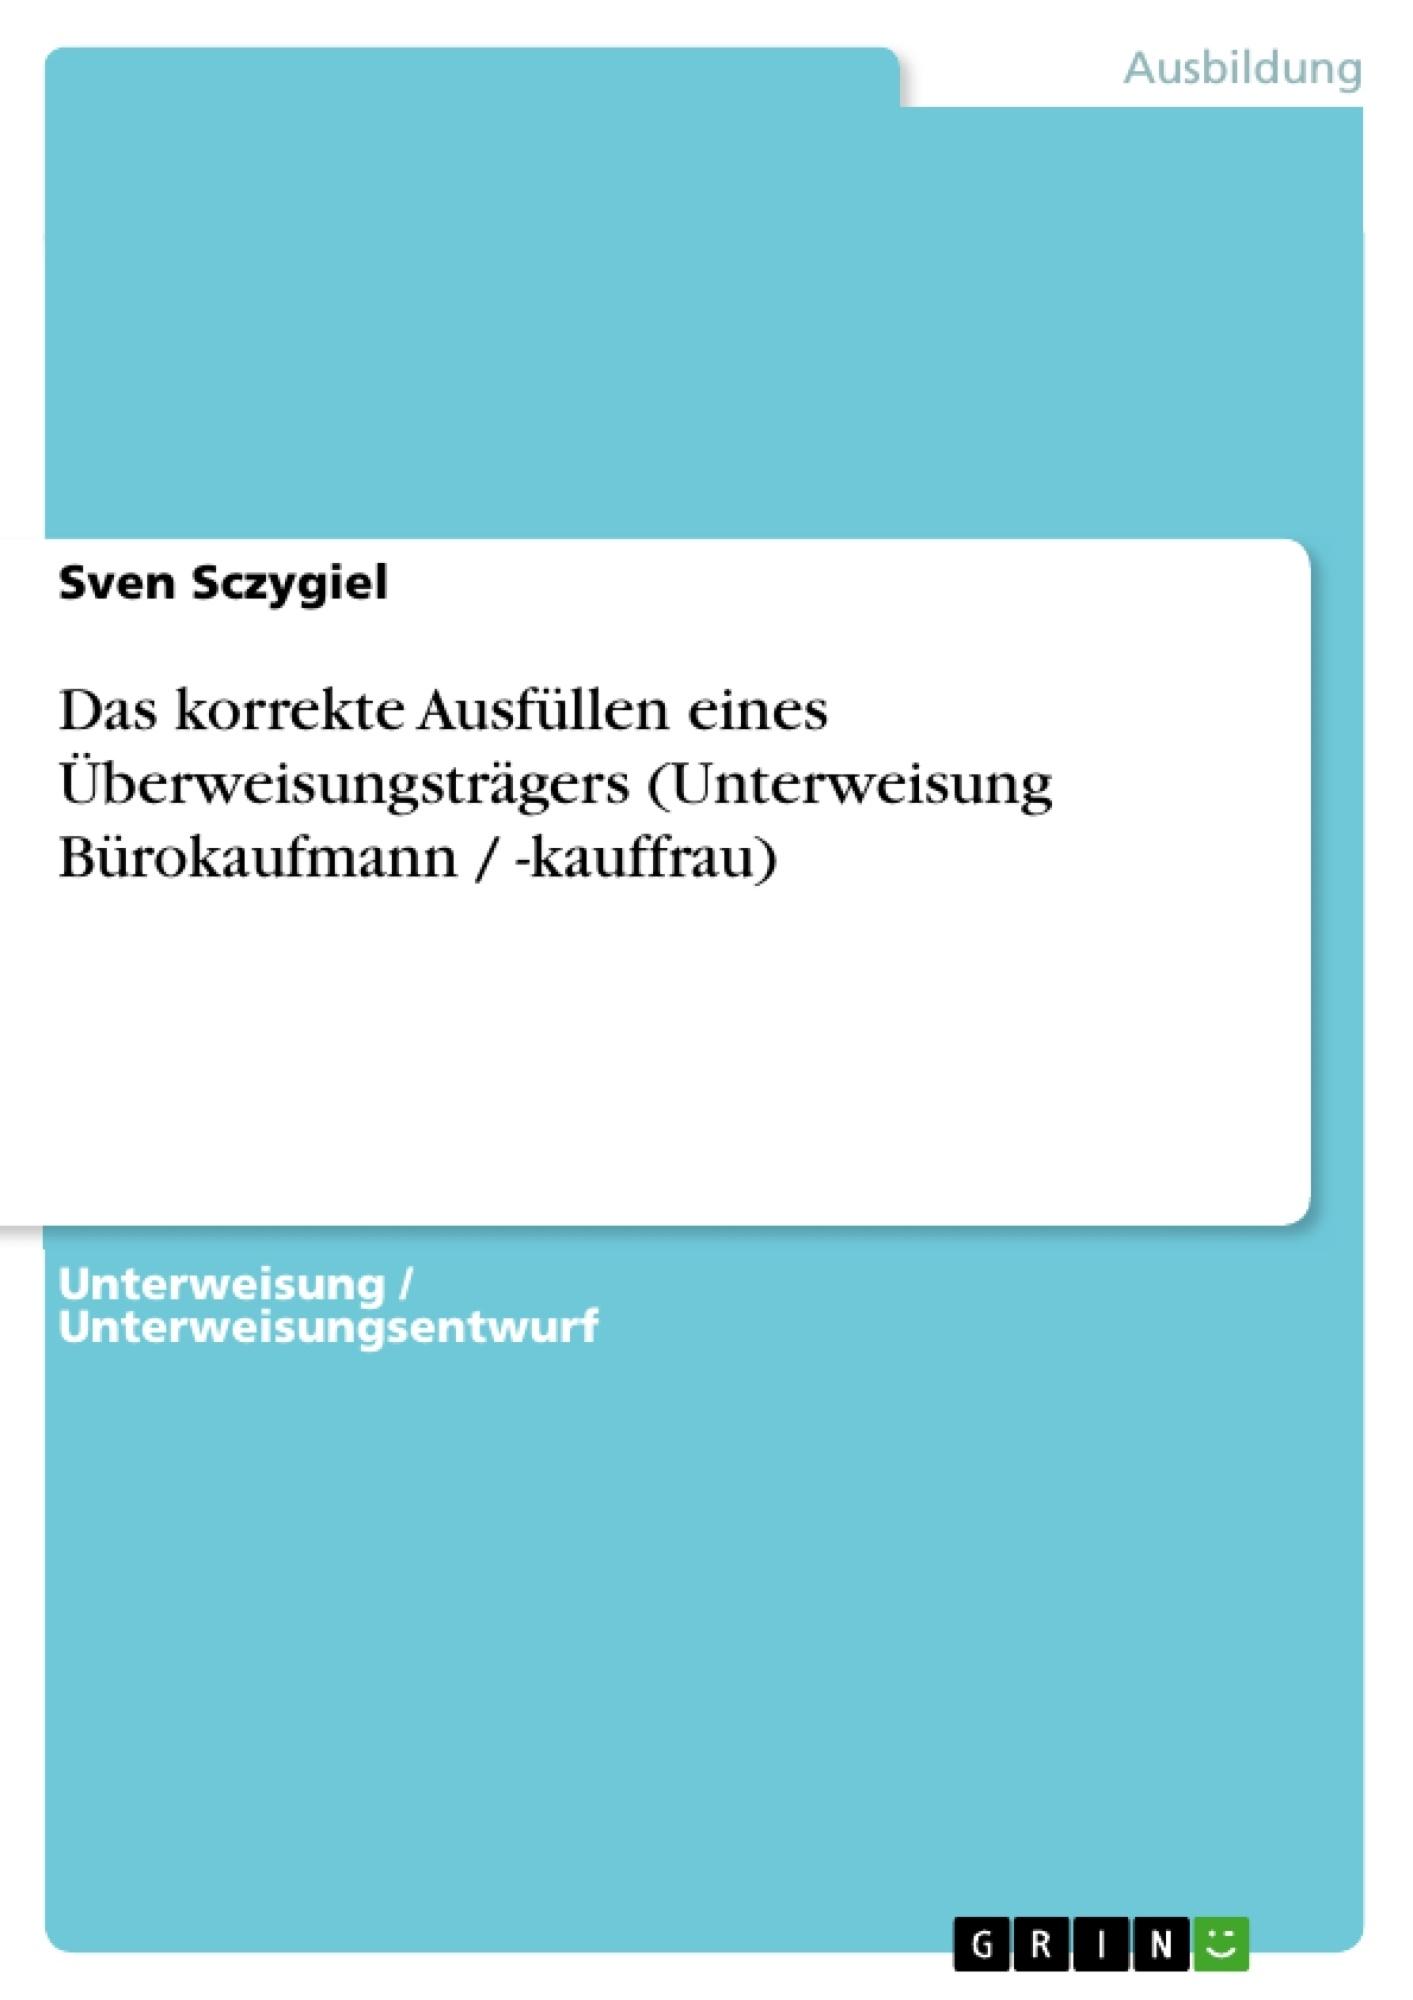 Titel: Das korrekte Ausfüllen eines Überweisungsträgers (Unterweisung Bürokaufmann / -kauffrau)